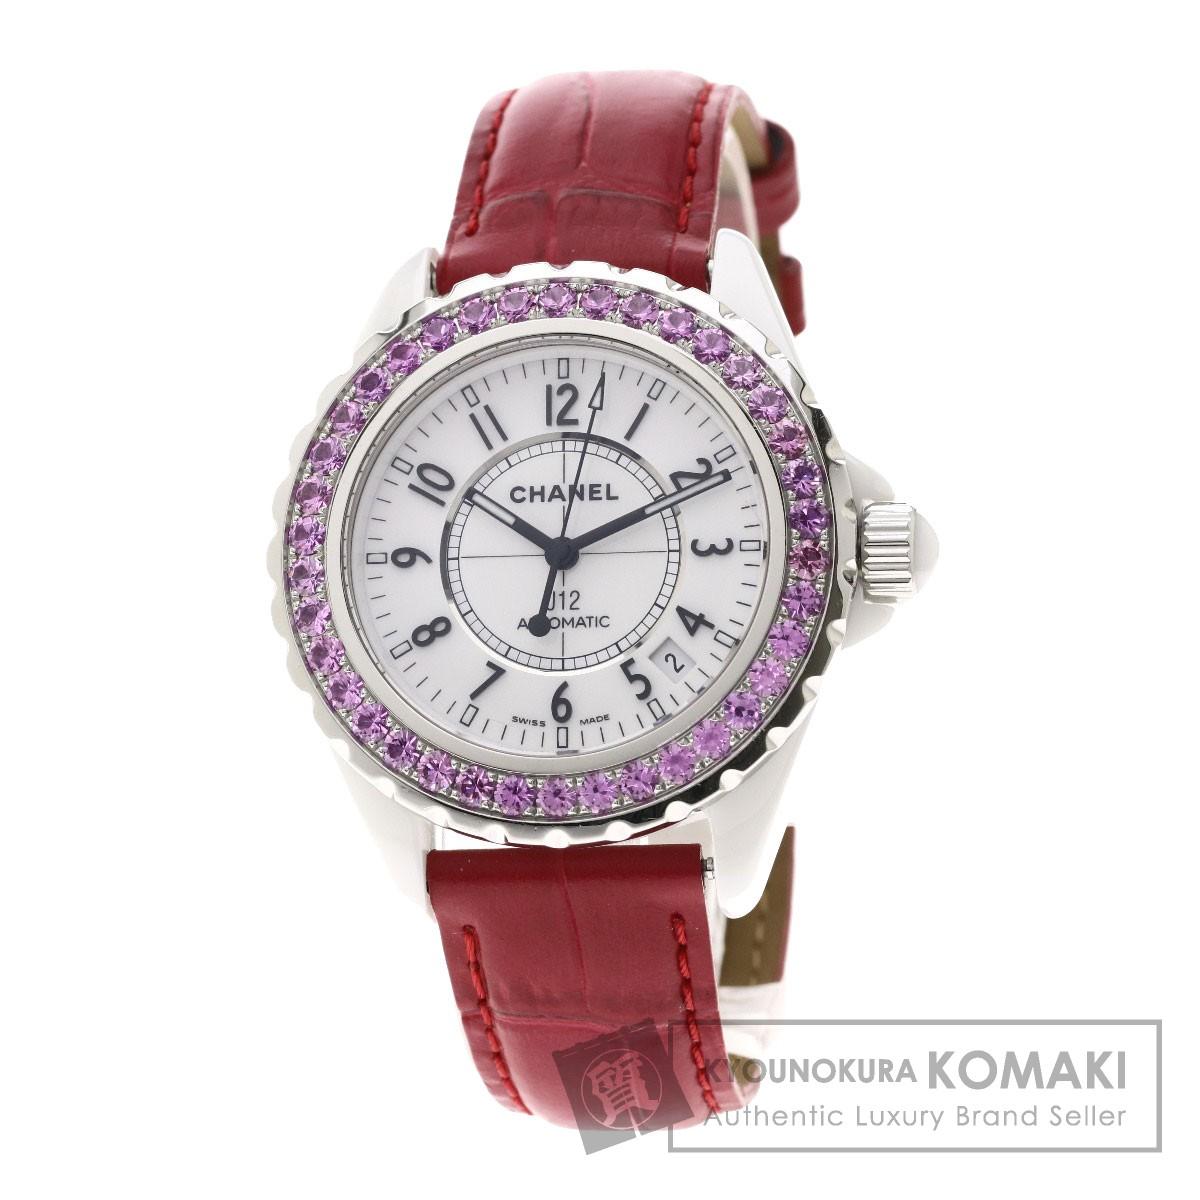 シャネル H1337 J12 38mm ピンクサファイア 腕時計 セラミック/革/サファイア メンズ 【中古】【CHANEL】